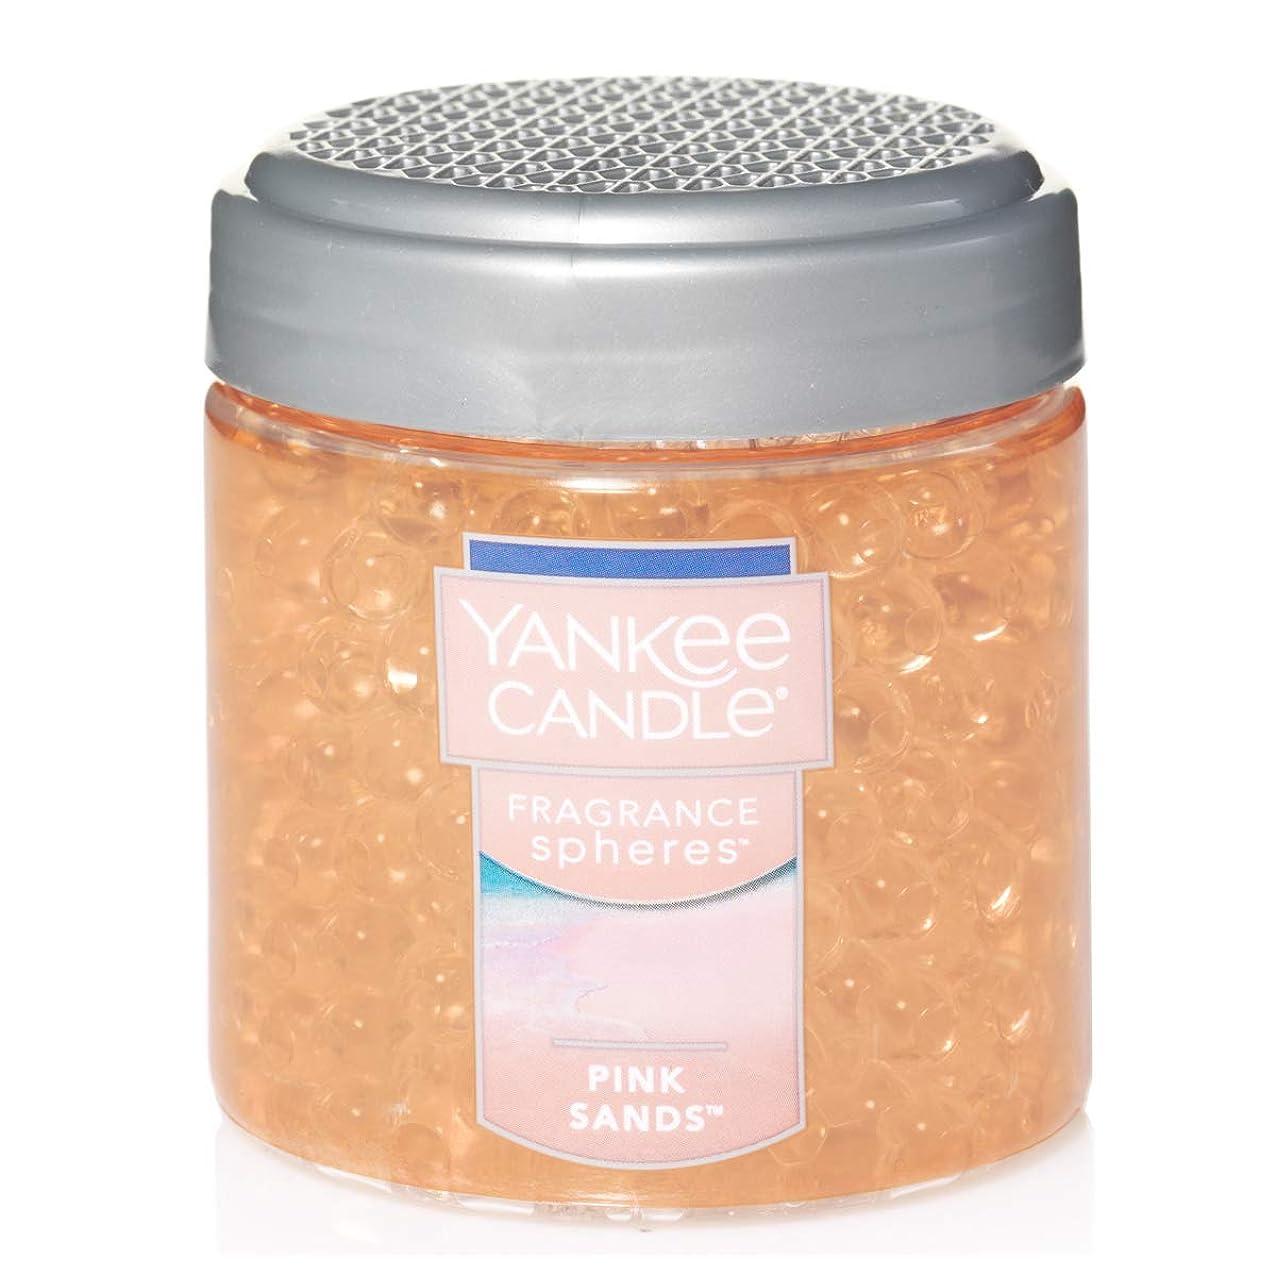 兵隊手術に賛成ヤンキーキャンドル(YANKEE CANDLE) YANKEE CANDLE フレグランスビーズ 「 ピンクサンド 」6個セット